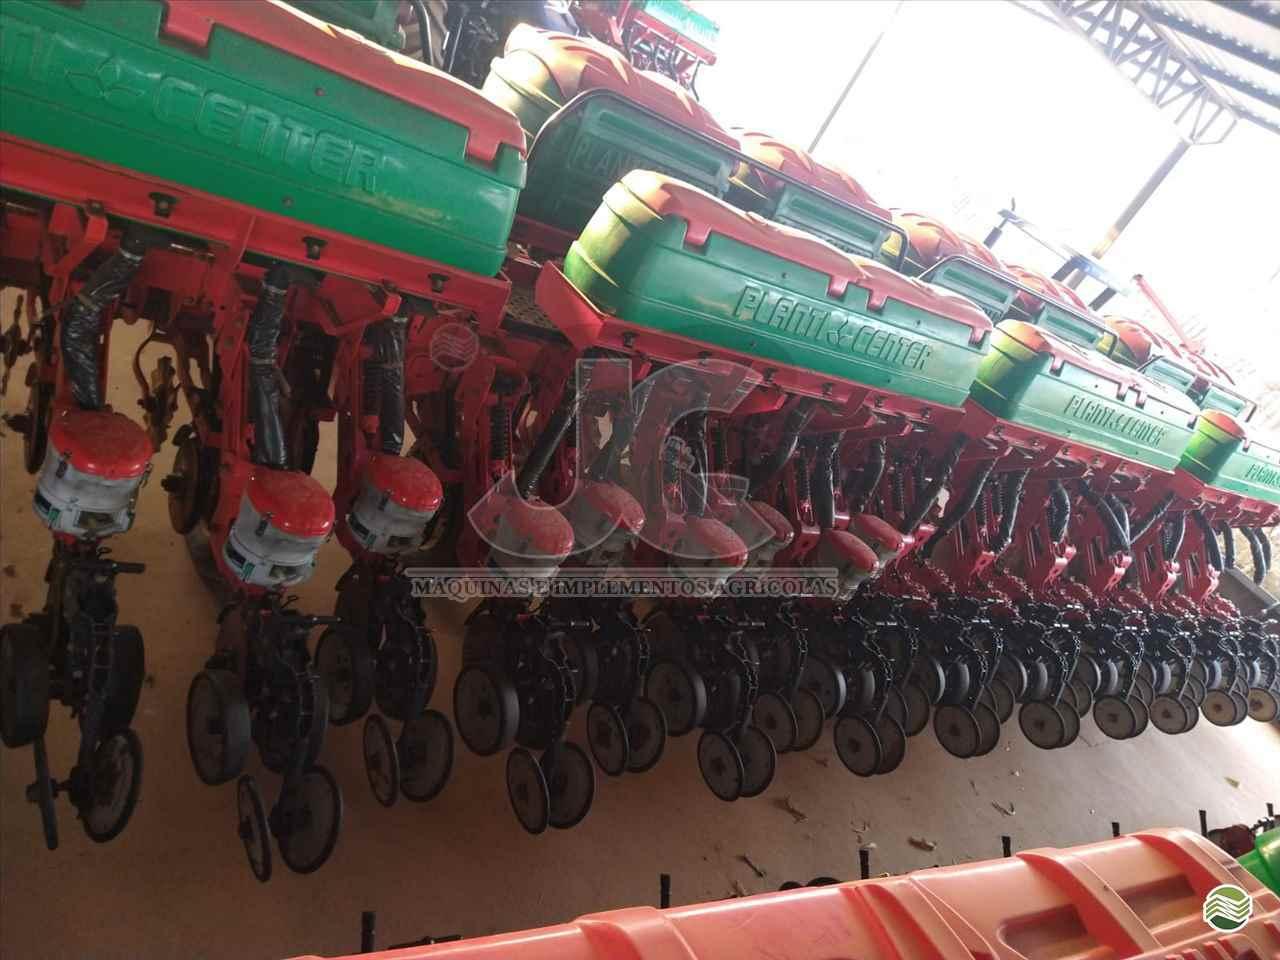 PLANTADEIRA PLANTI CENTER TERRACU´S 13000 JC Máquinas Agrícolas CATALAO GOIAS GO